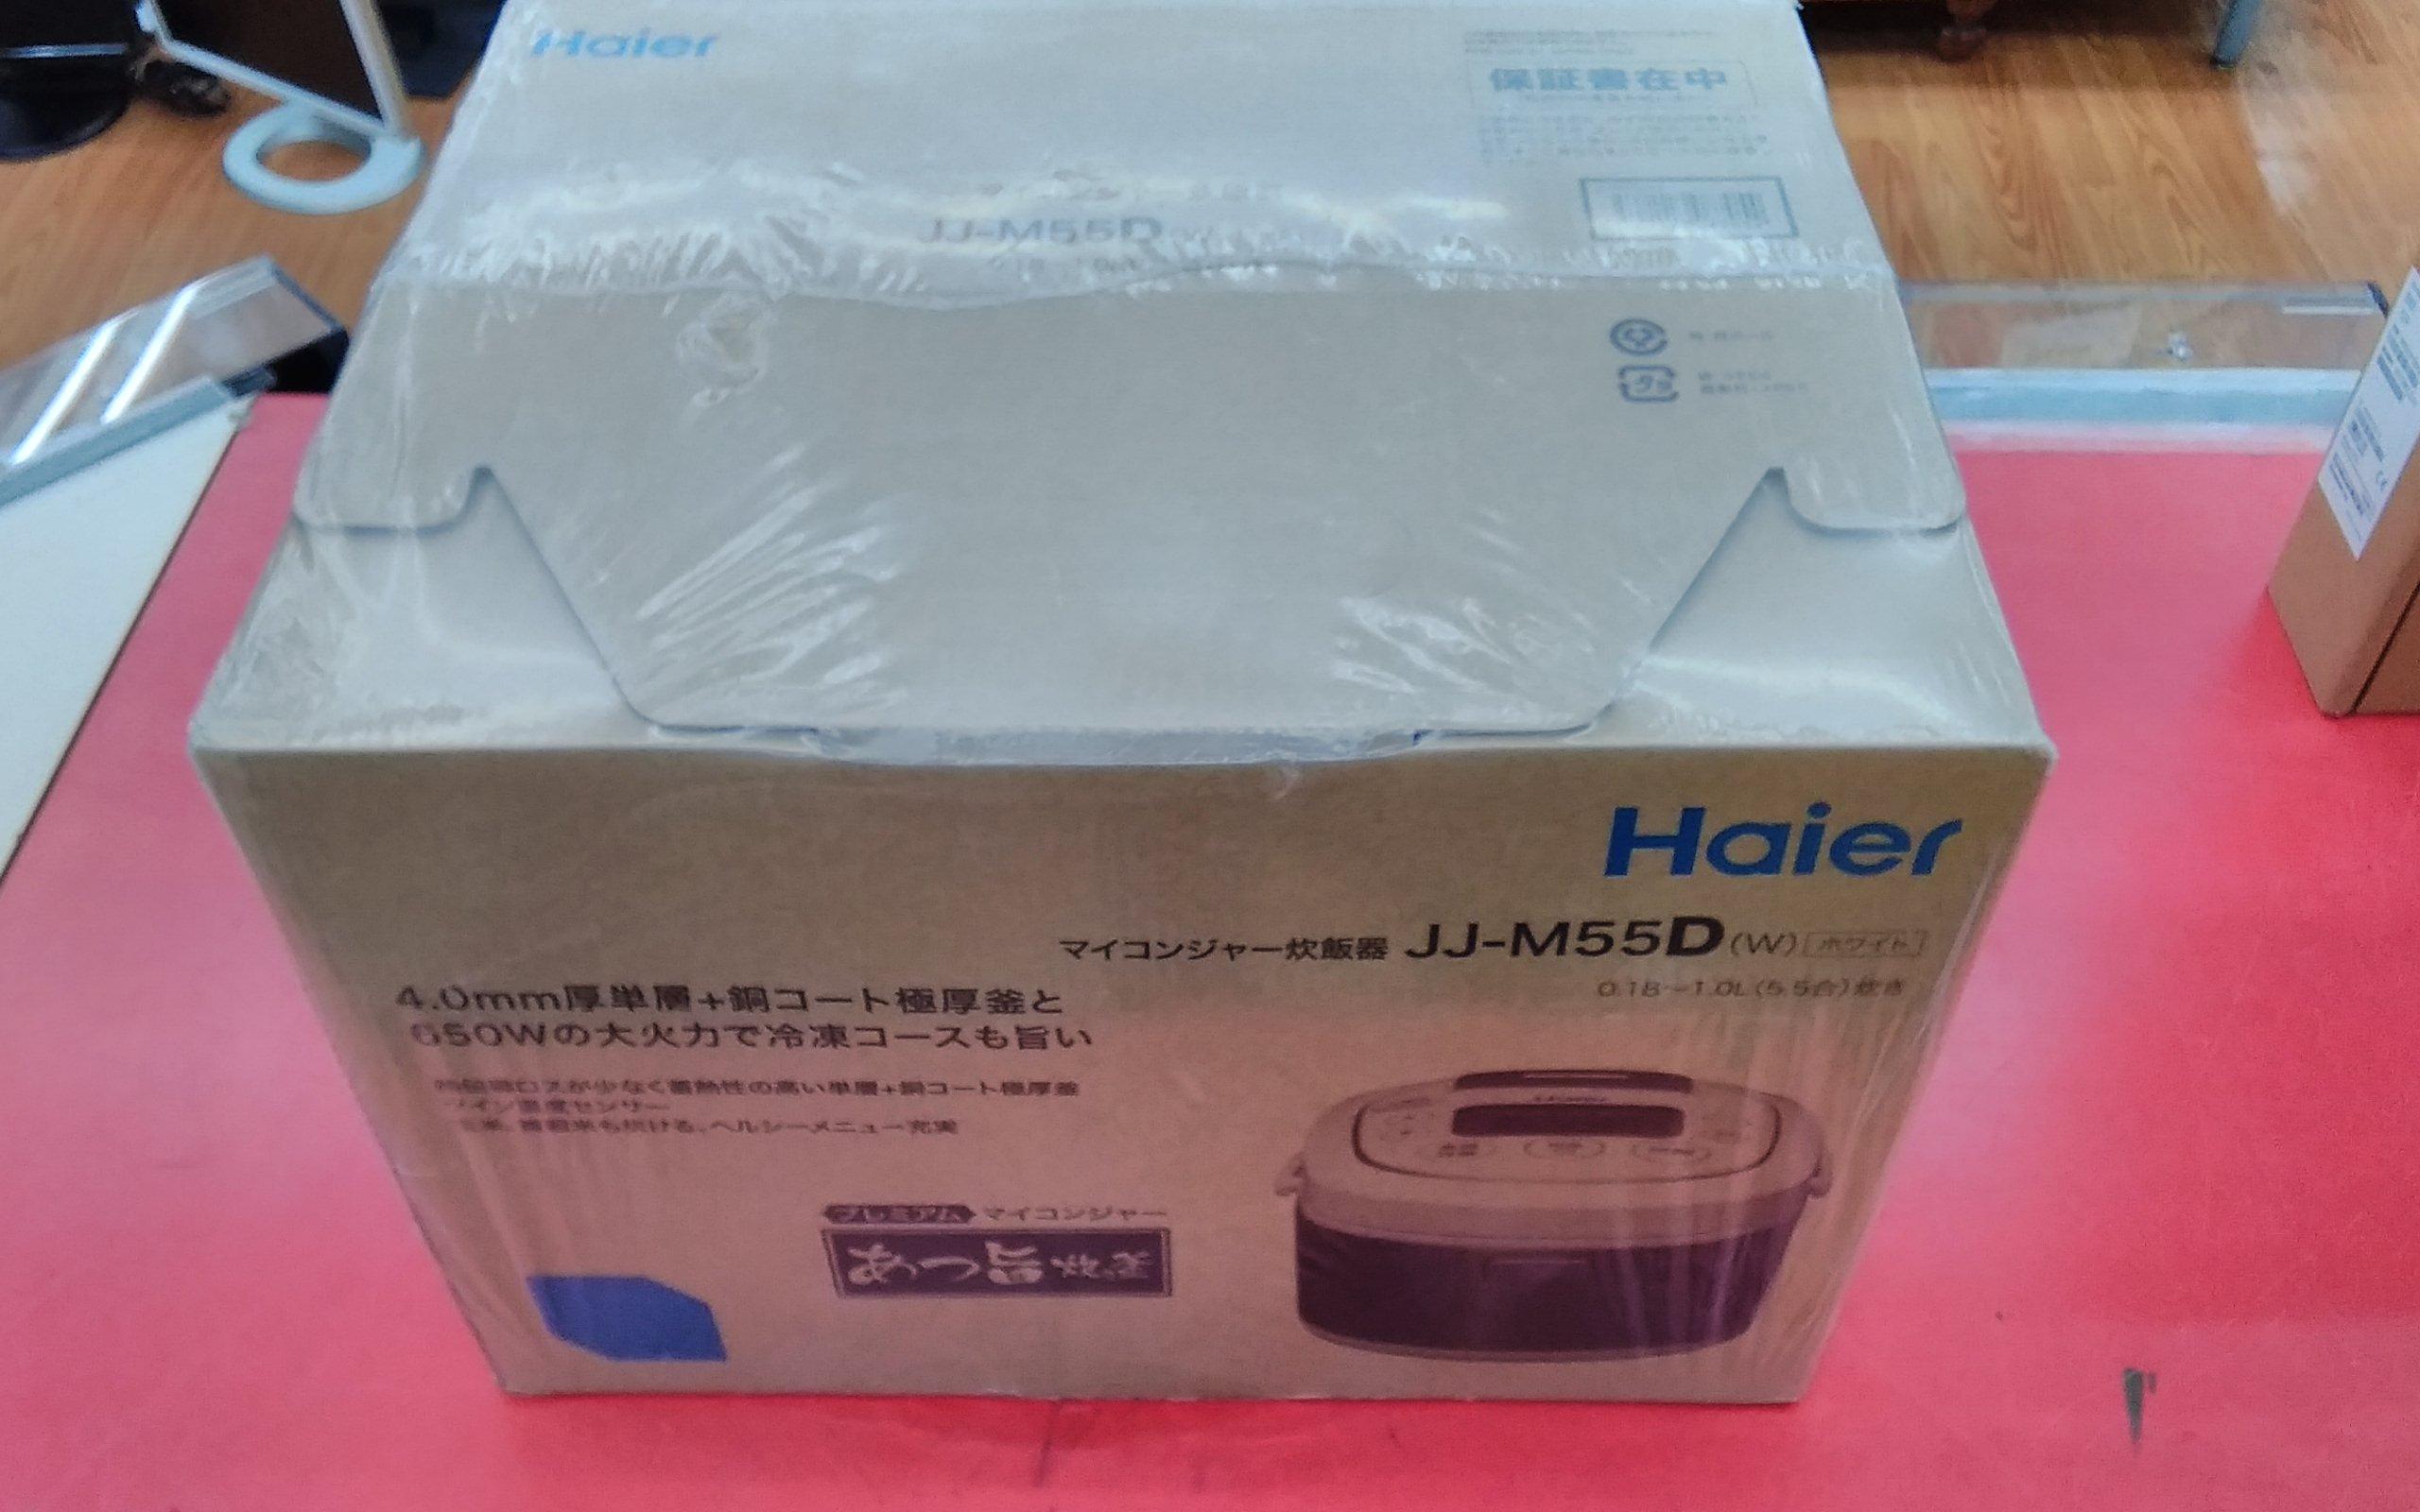 【未開封品】5.5合炊きマイコンジャー/JJ-M55D HAIER